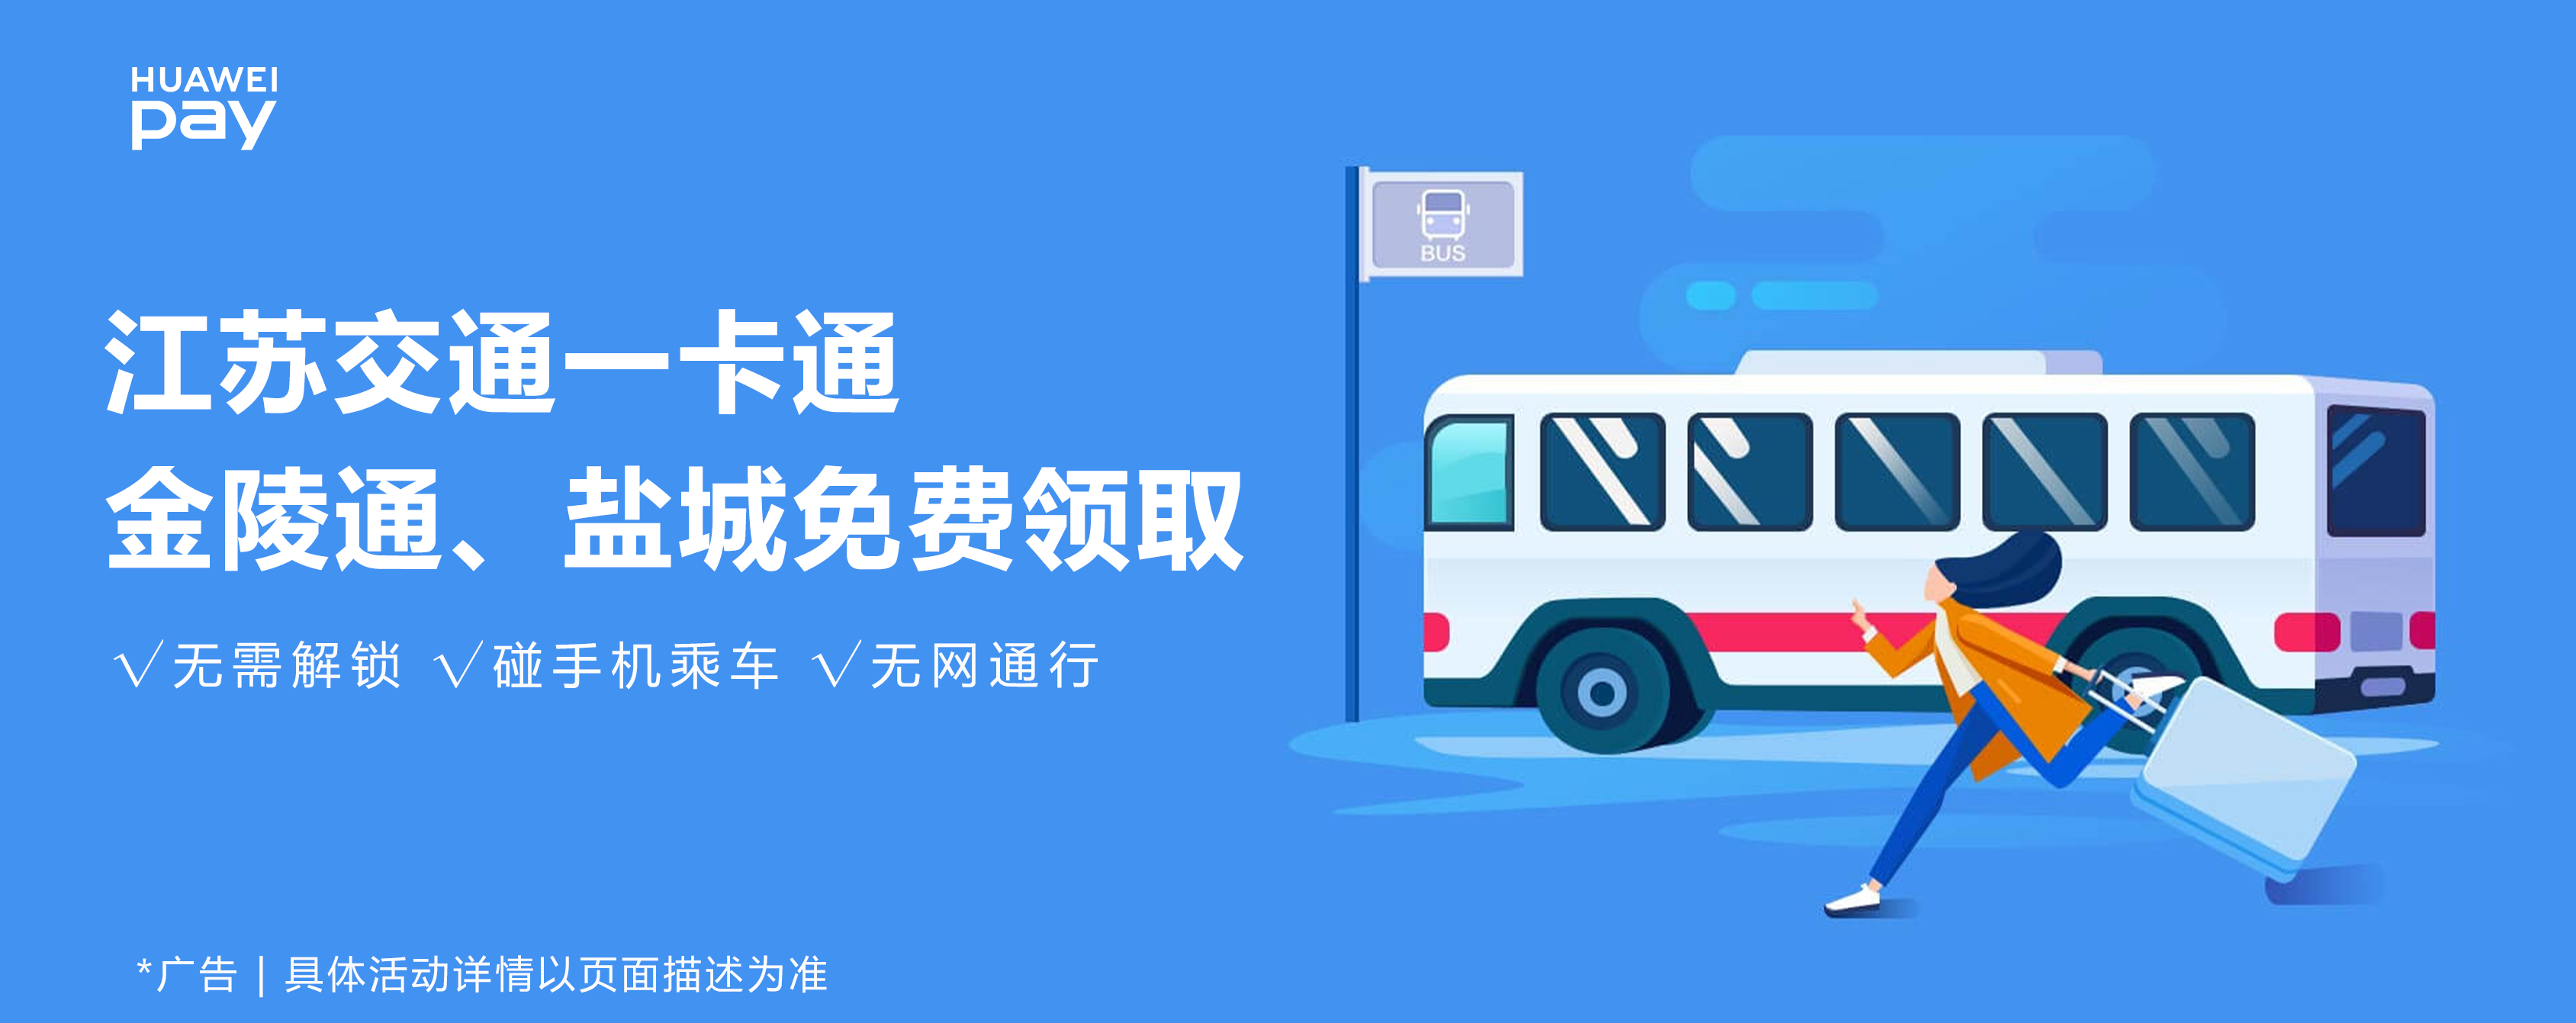 金陵通、盐城banner.png